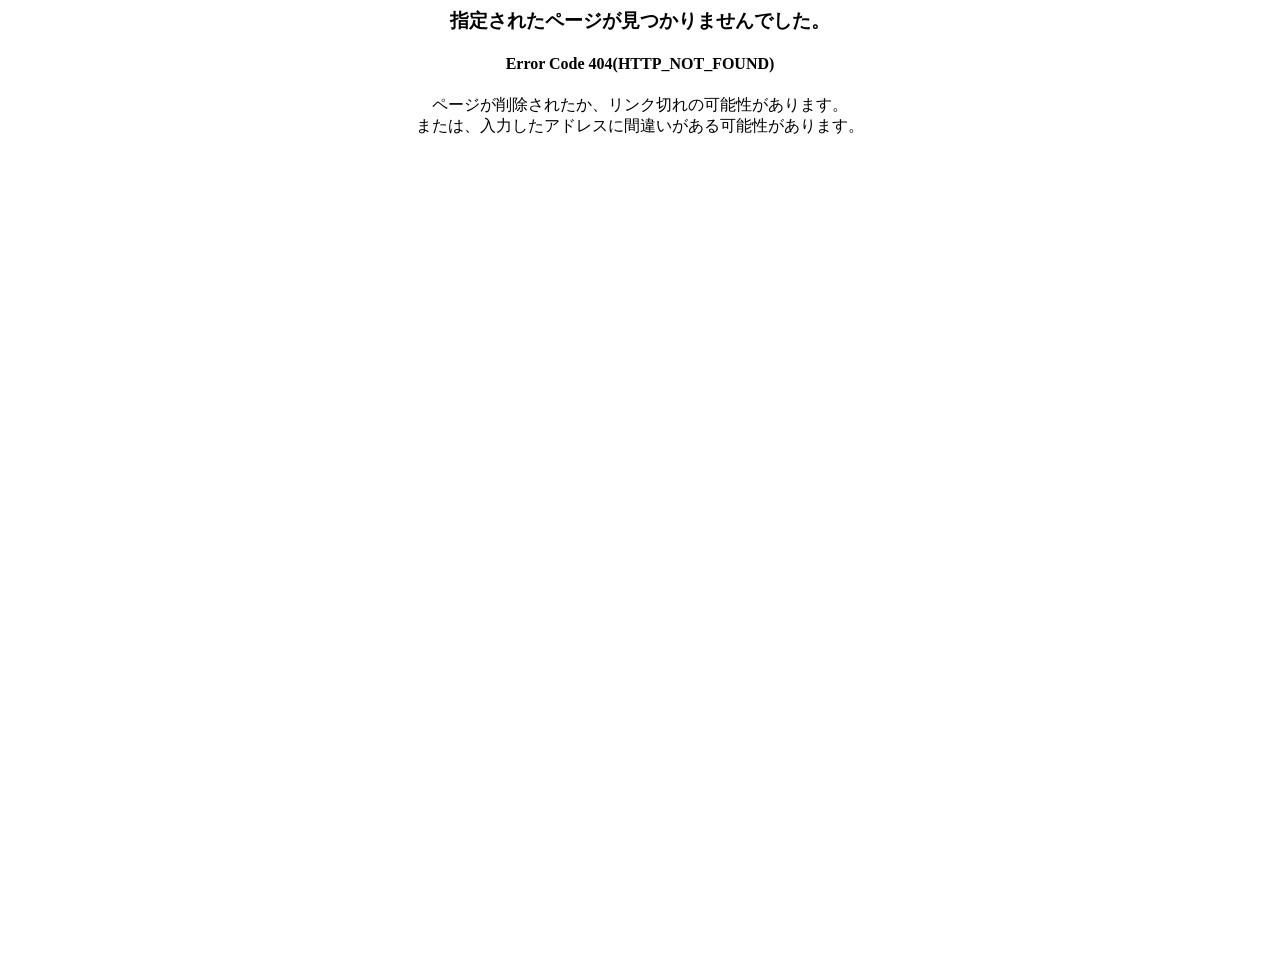 岩手県スポーツ振興事業団/県営運動公園